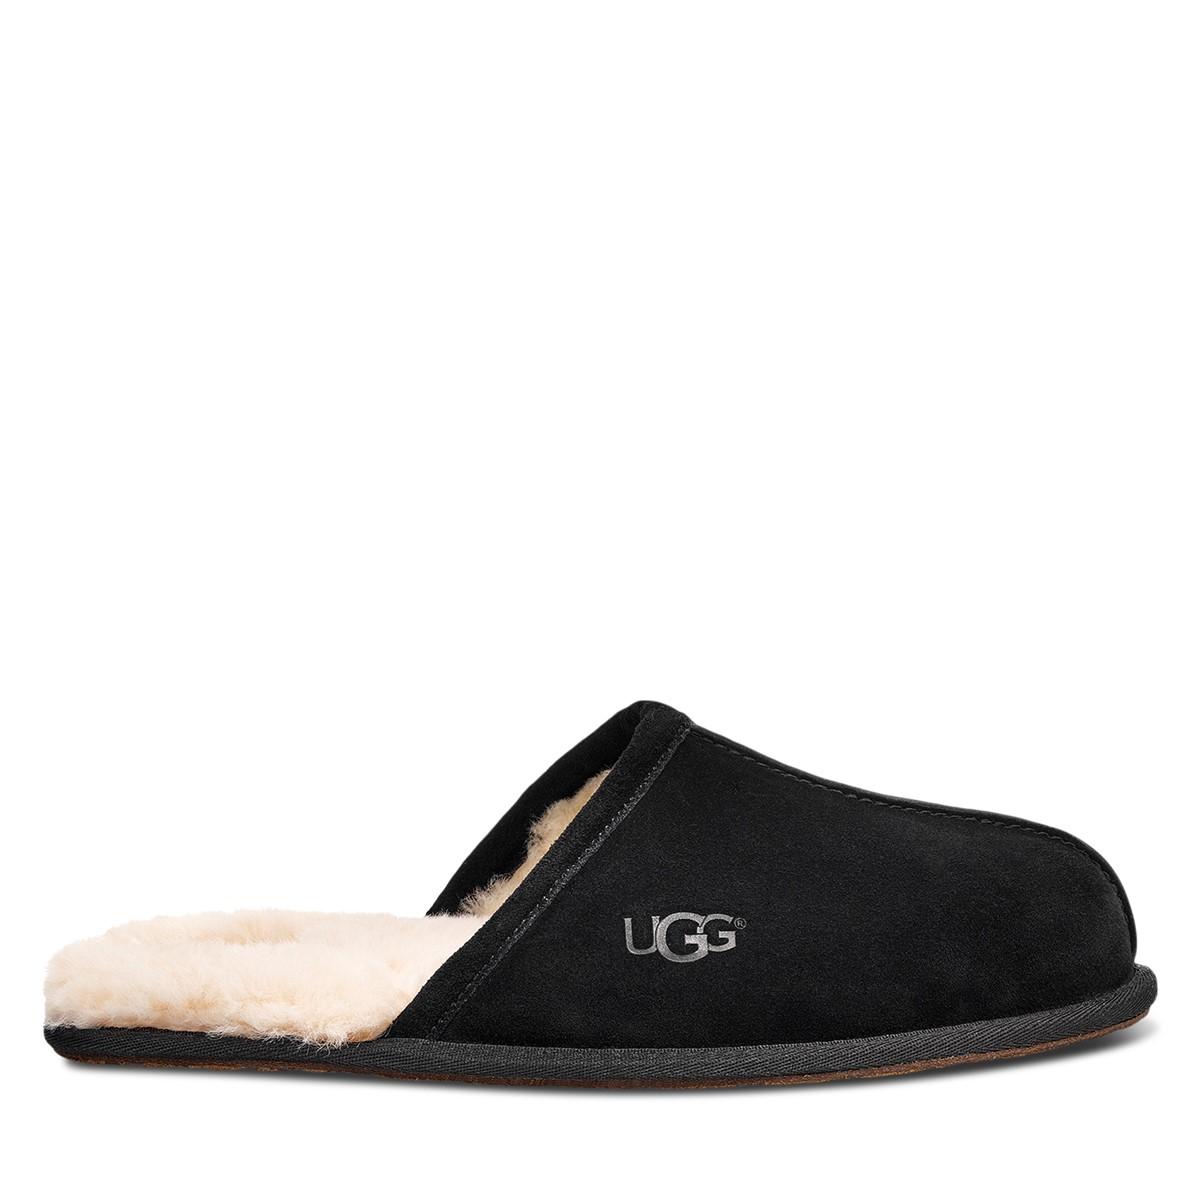 Men's Scuff Suede Slippers in Black